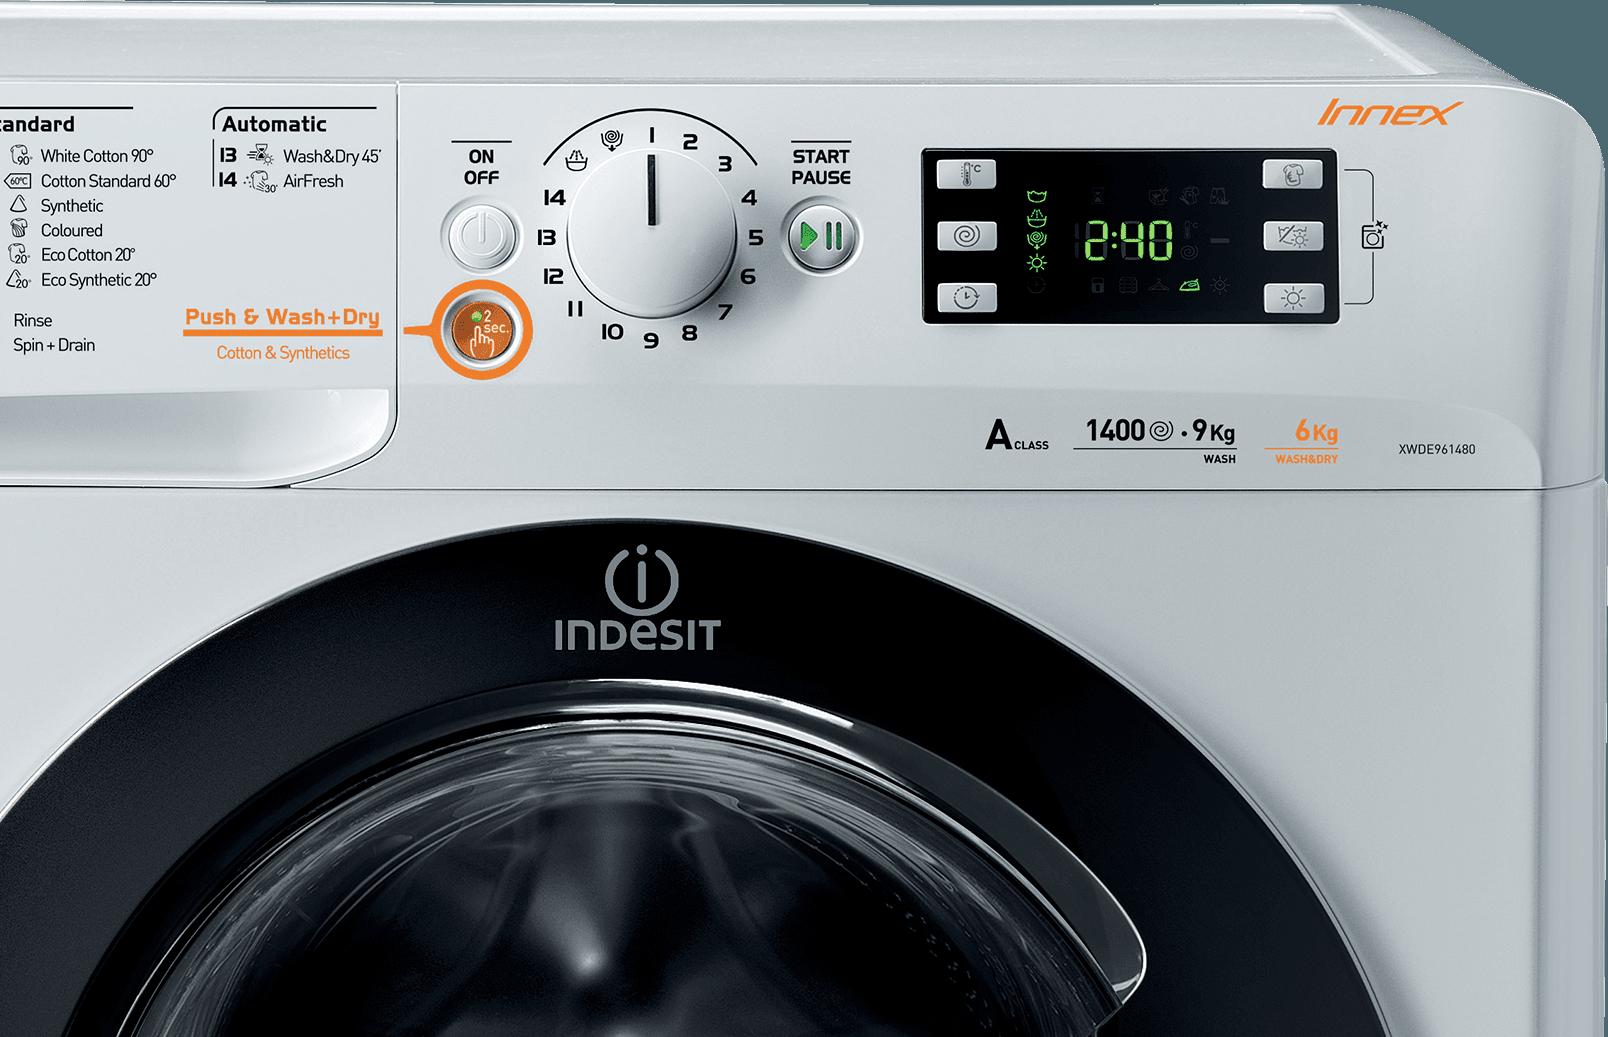 Freistehender waschtrockner waschfertig in 45 minuten innex